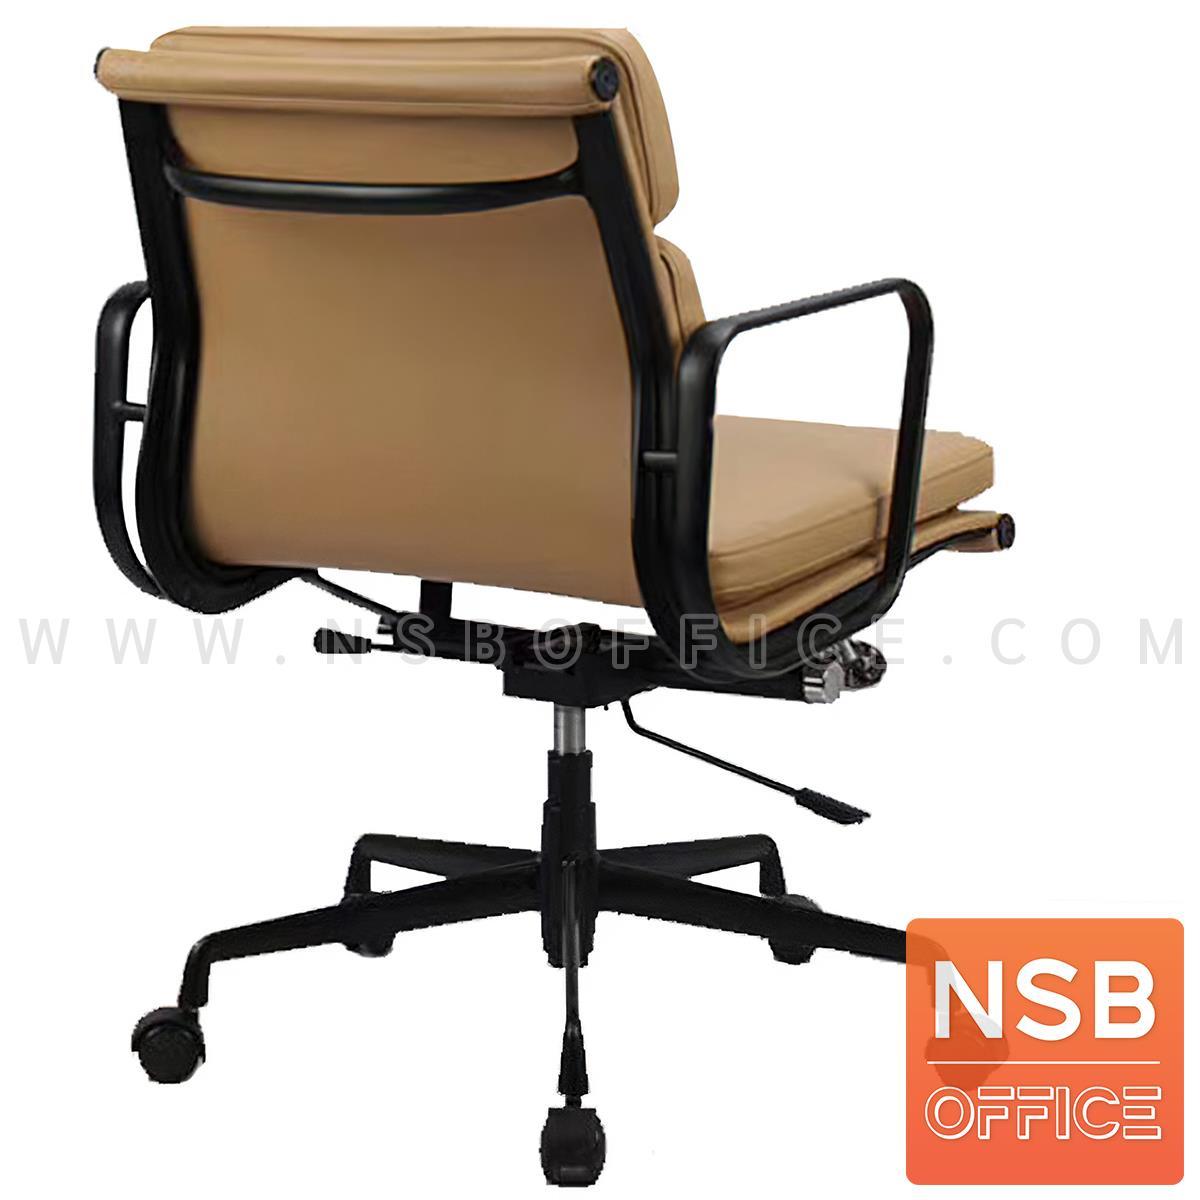 เก้าอี้สำนักงาน รุ่น Solomon (ซาโลมอน)  โครงขาเหล็ก